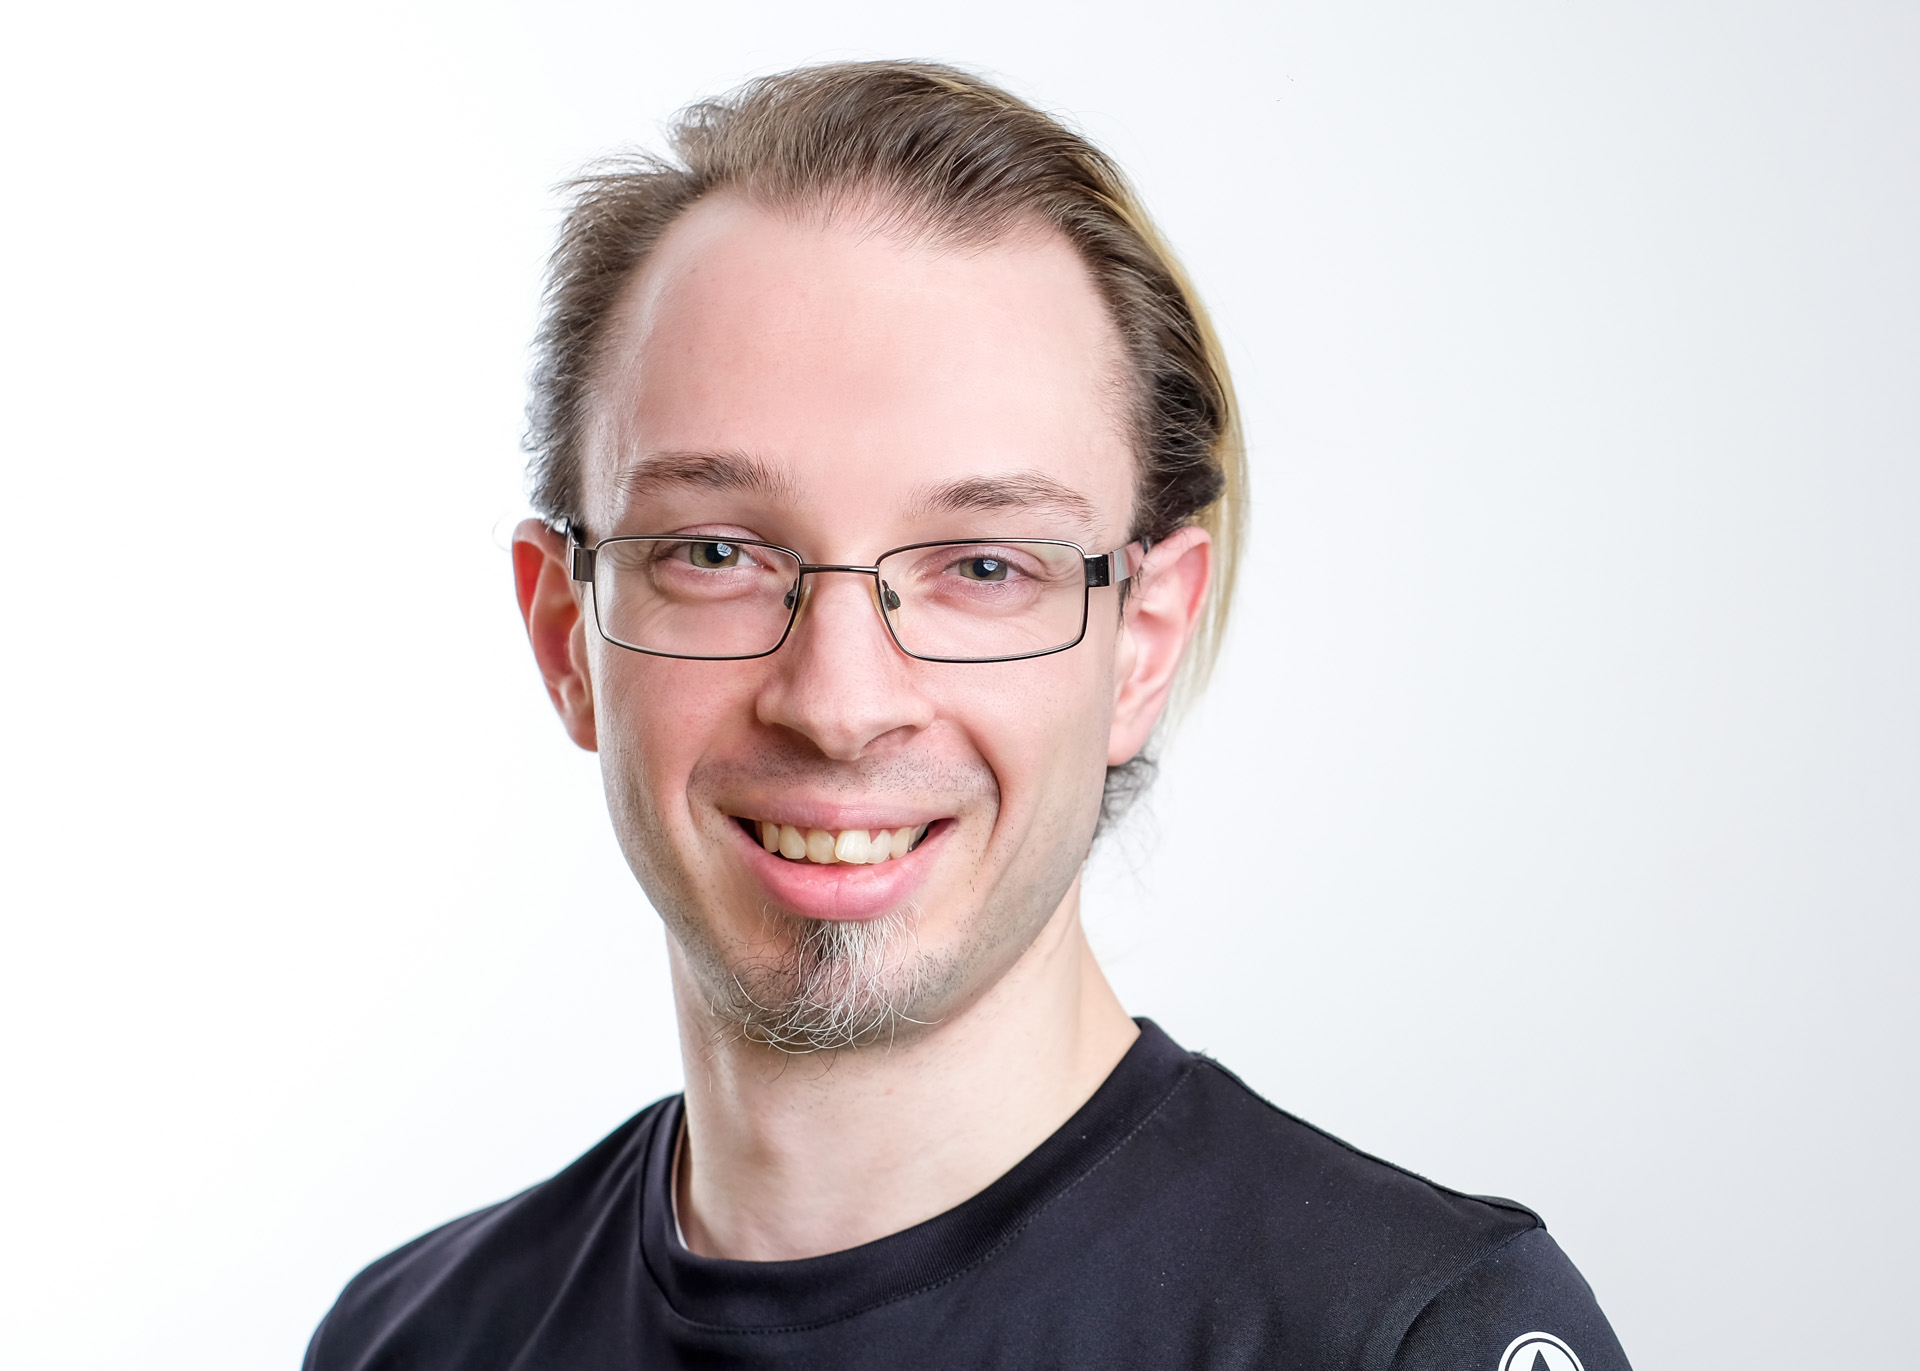 Patrick Pohl